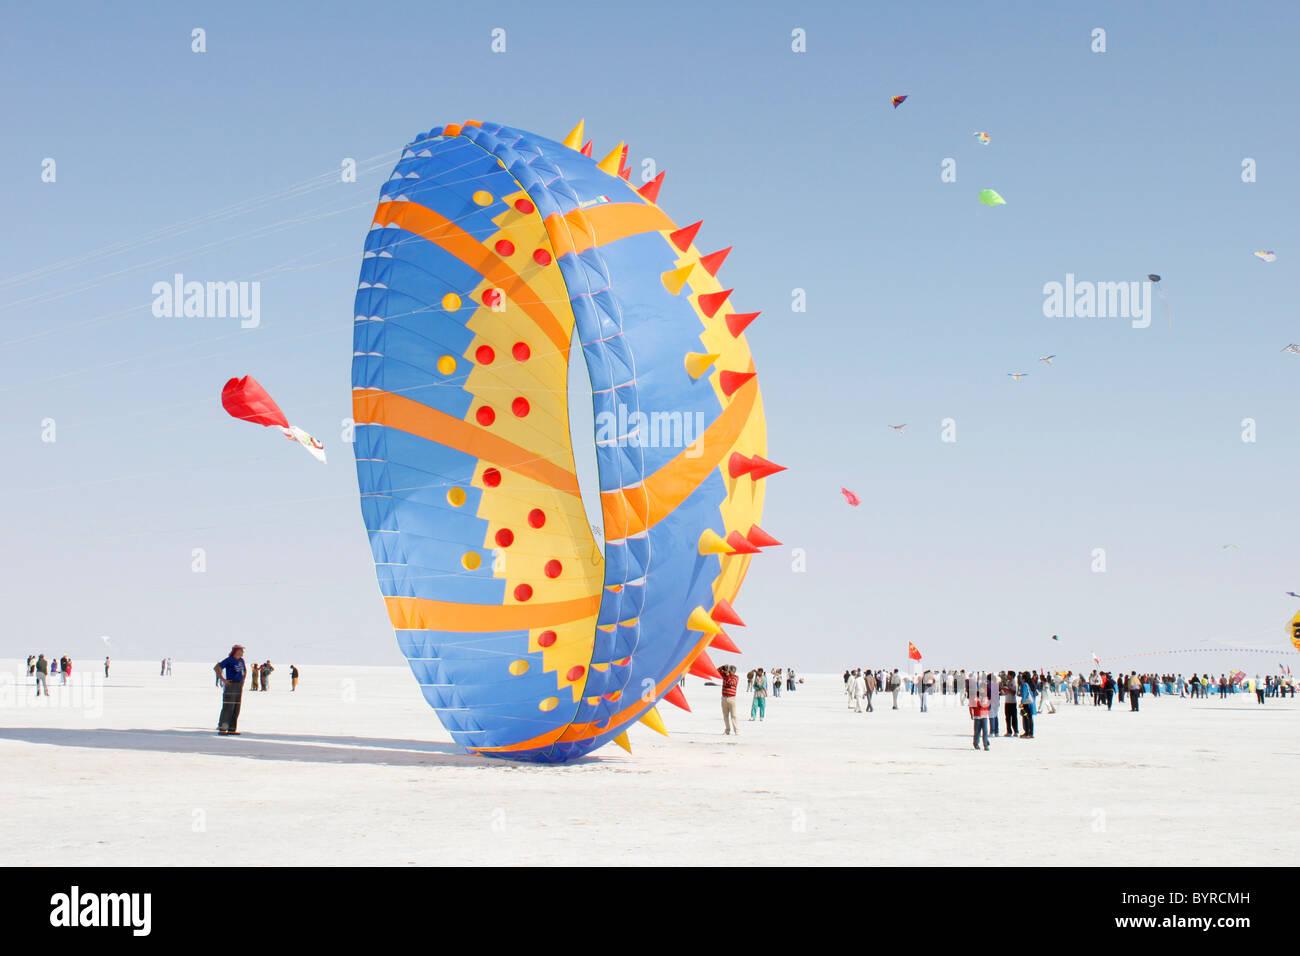 International kite flying festival in white rann of kutch, gujarat,india - Stock Image